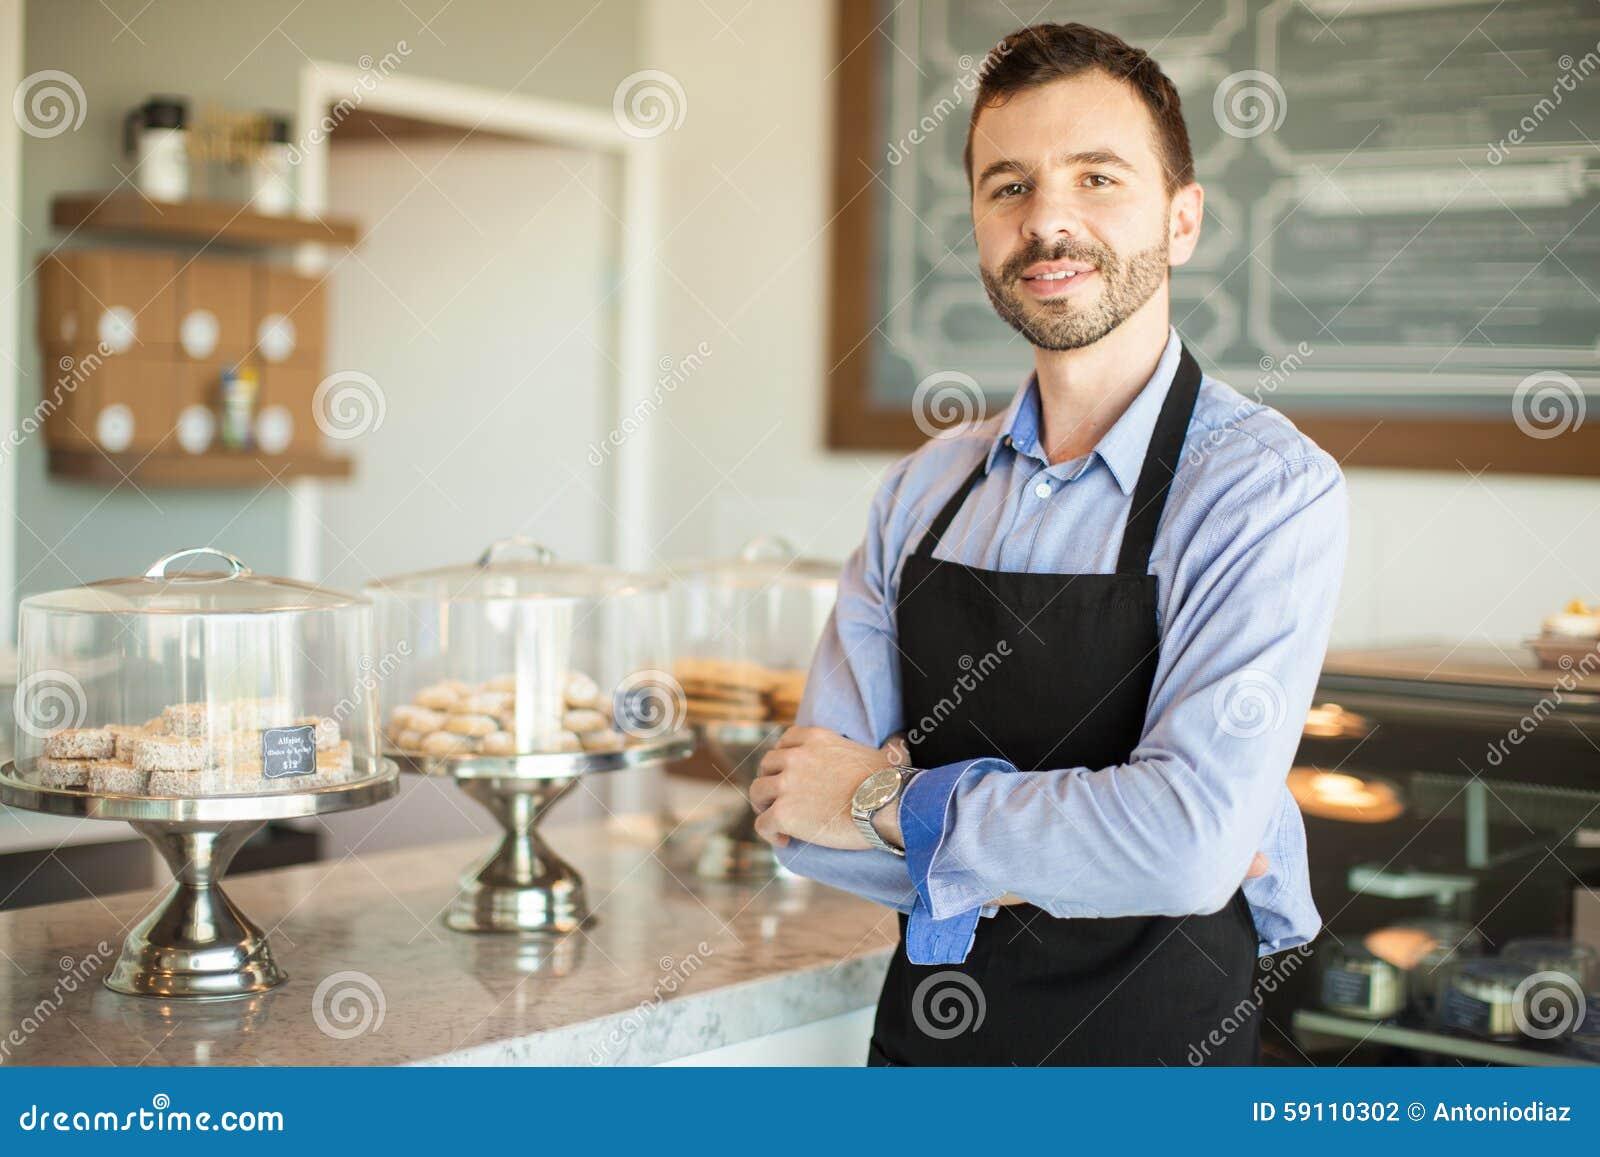 男性企业主在面包店